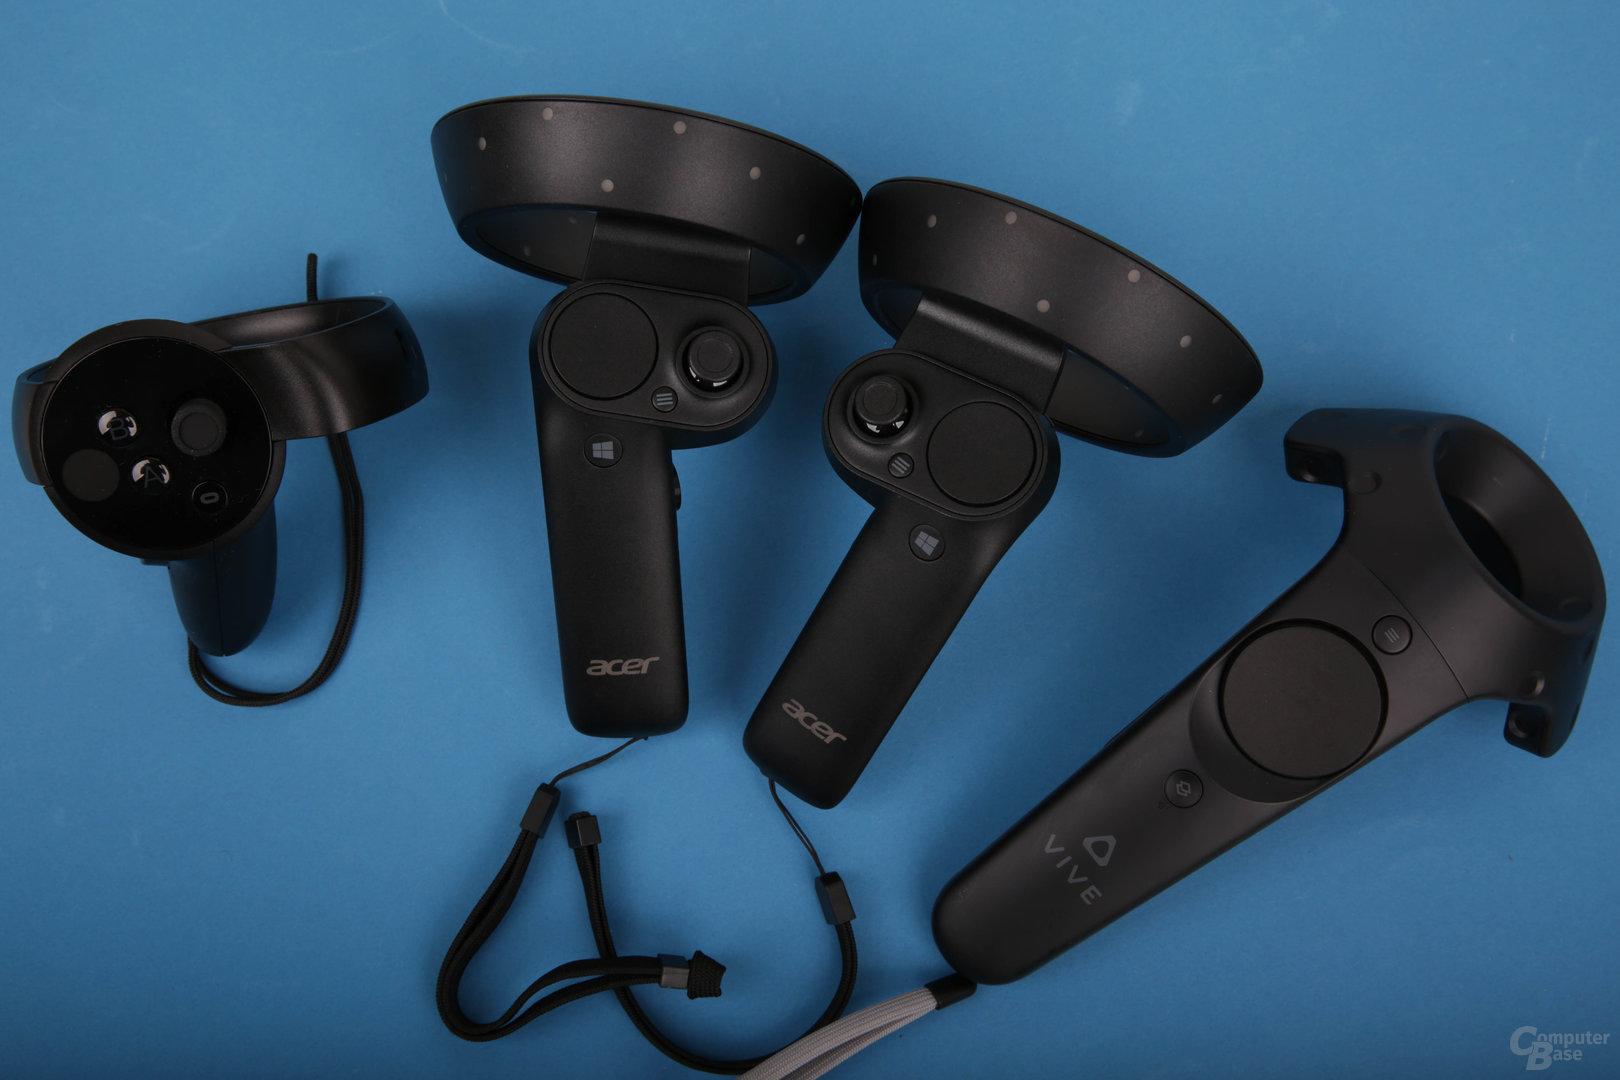 Die Controller von Oculus, Windows Mixed Reality und HTC Vive